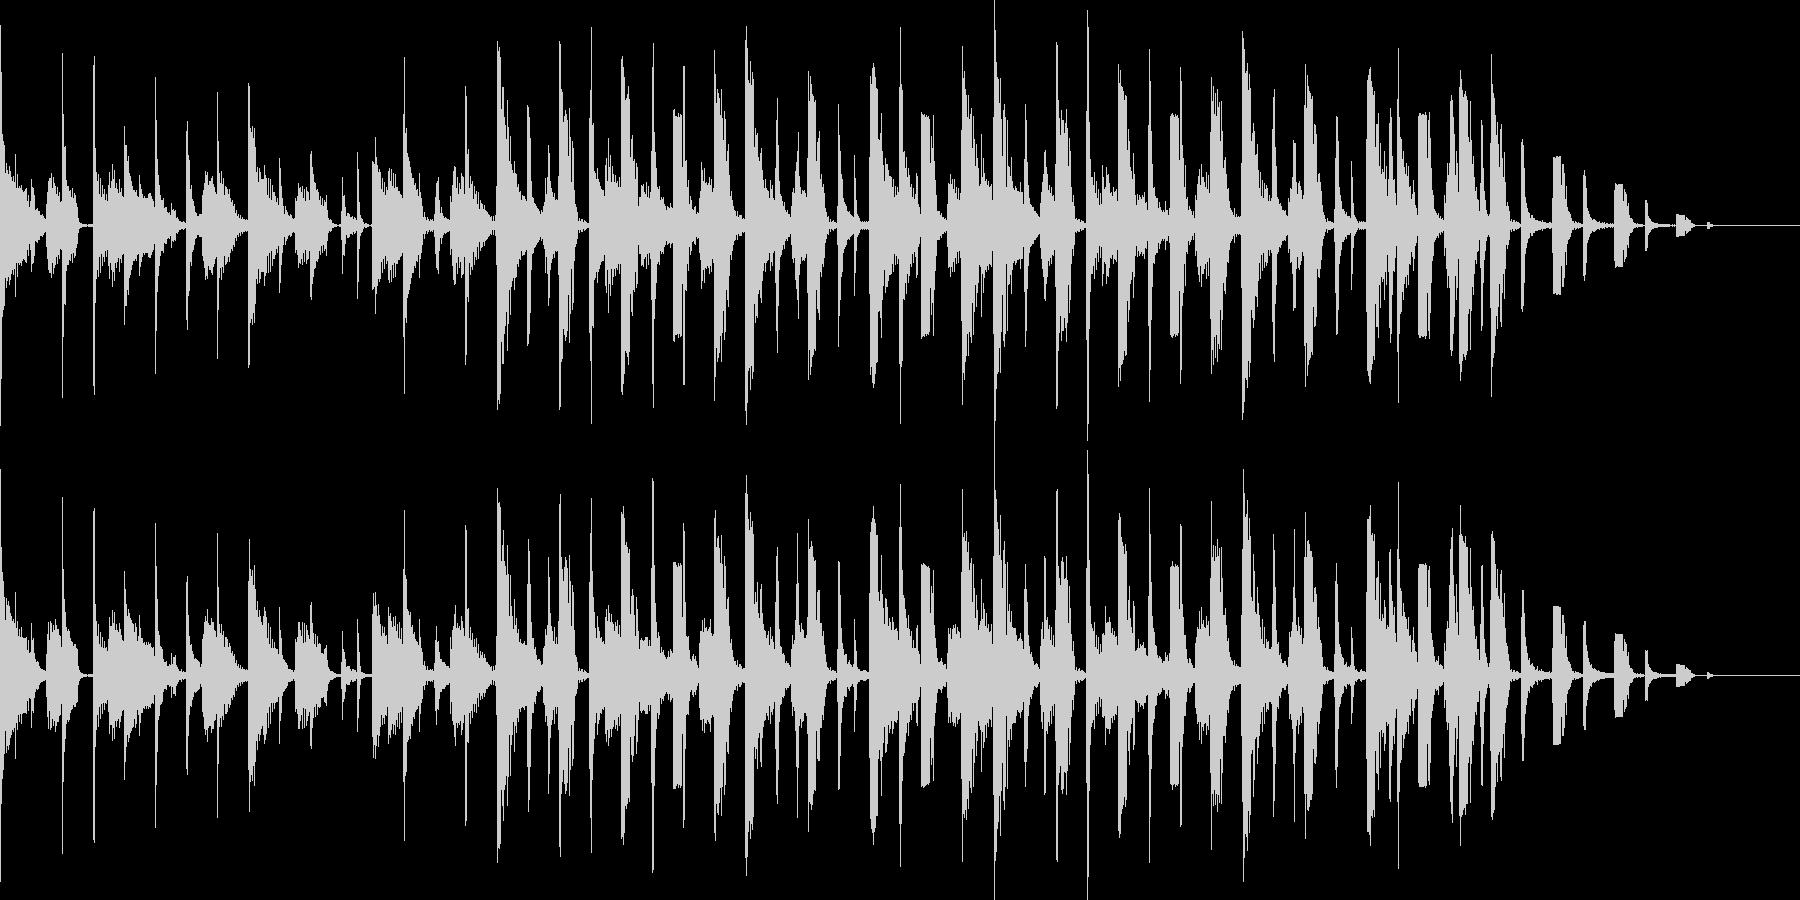 サンバをイメージしたBGMの未再生の波形